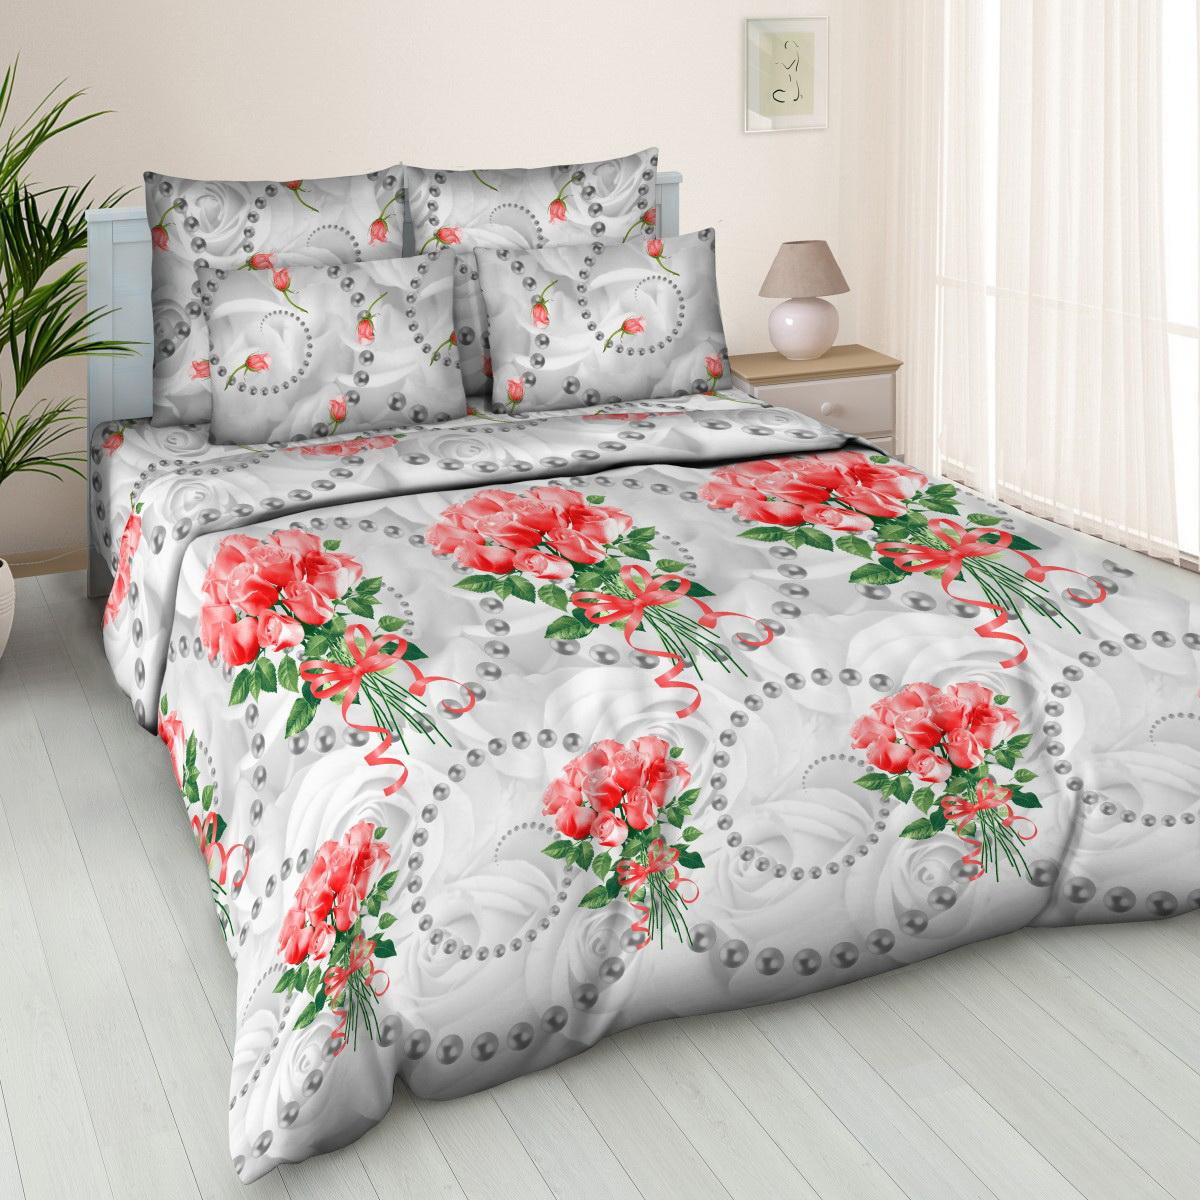 Комплект белья Cleo Жемчужная роза, 1,5-спальный, наволочки 70x7015/363-BКоллекция постельного белья из бязи CLEO – это классика сна. Вся коллекция выполнена из 100% хлопка, т.е. во время сна будет комфортно в любое время года! Благодаря пигментному способу нанесение печати, даже после многократных стирок (деликатный режим), постельное белье сохраняет свой первоначальный вид. Постельное белье из бязи имеет ряд уникальных свойств: экологичность, гипоаллергенность, благодаря особому способу переплетения нитей в полотне, обеспечивается особая плотность ткани, что делает ее устойчивой к износу, сохраняется внешний вид на долгие годы, загрязнения прекрасно отстирываются любыми средствами, не садится, легко гладится, не накапливает статического электричества, благодаря составу из 100% хлопка, обладает исключительной терморегуляцией. Комплект состоит из пододеяльника, двух наволочек и простыни.